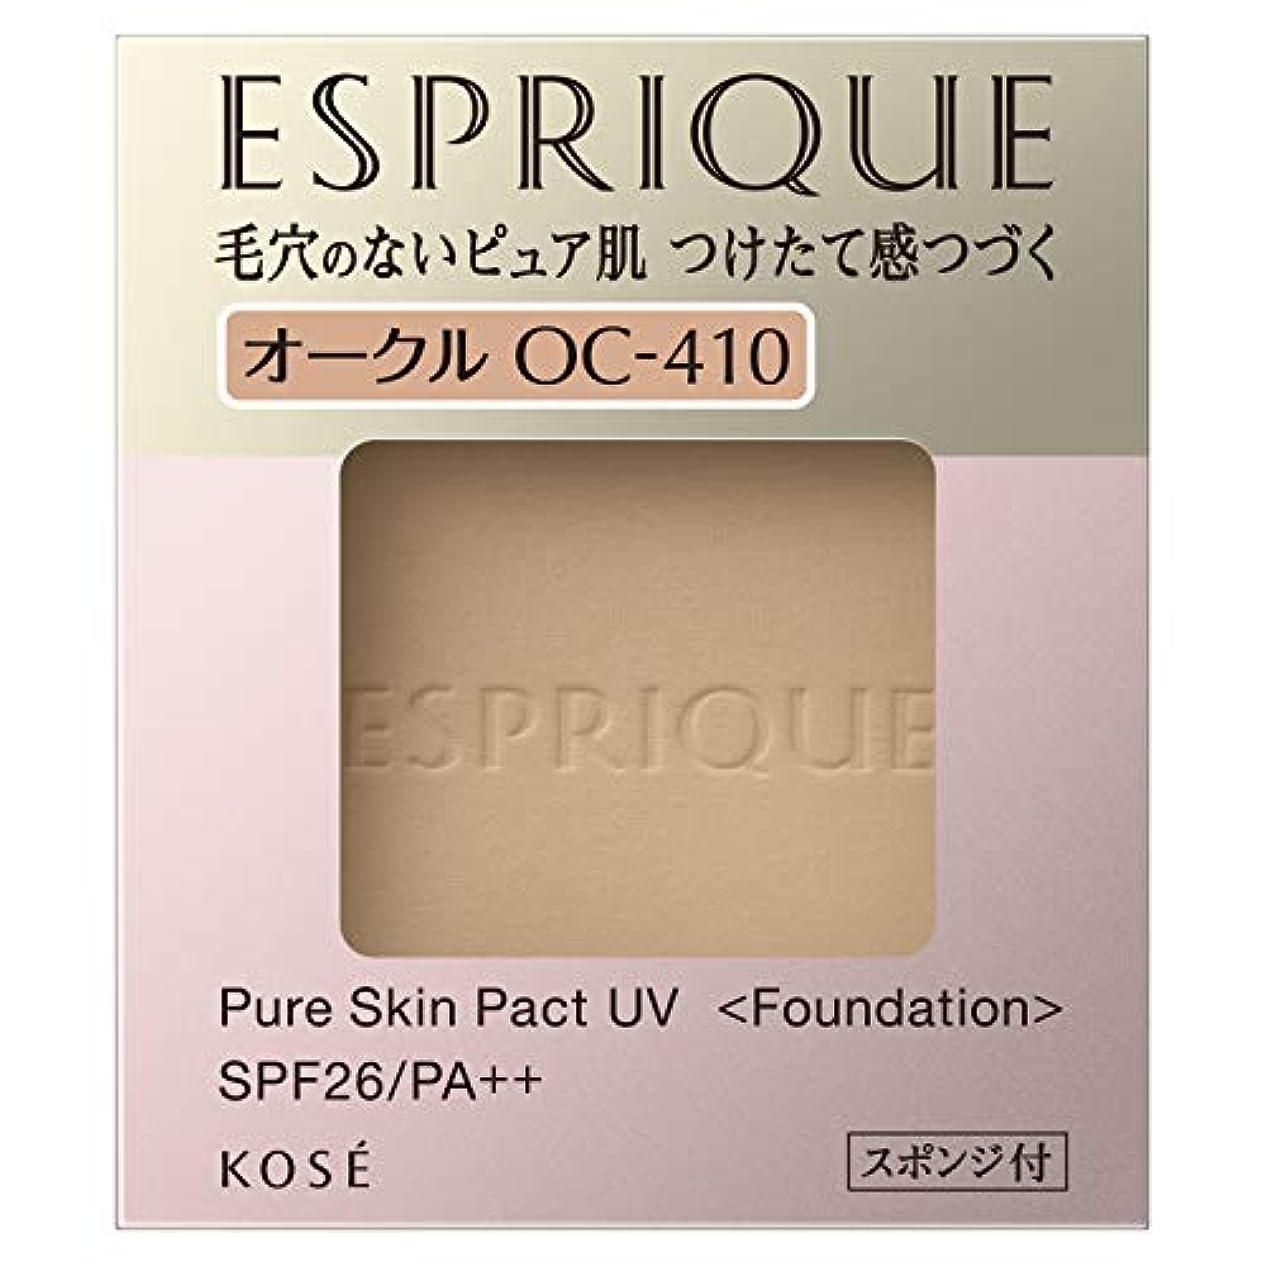 風刺使い込む振る舞うエスプリーク ピュアスキン パクト UV OC-410 オークル 9.3g